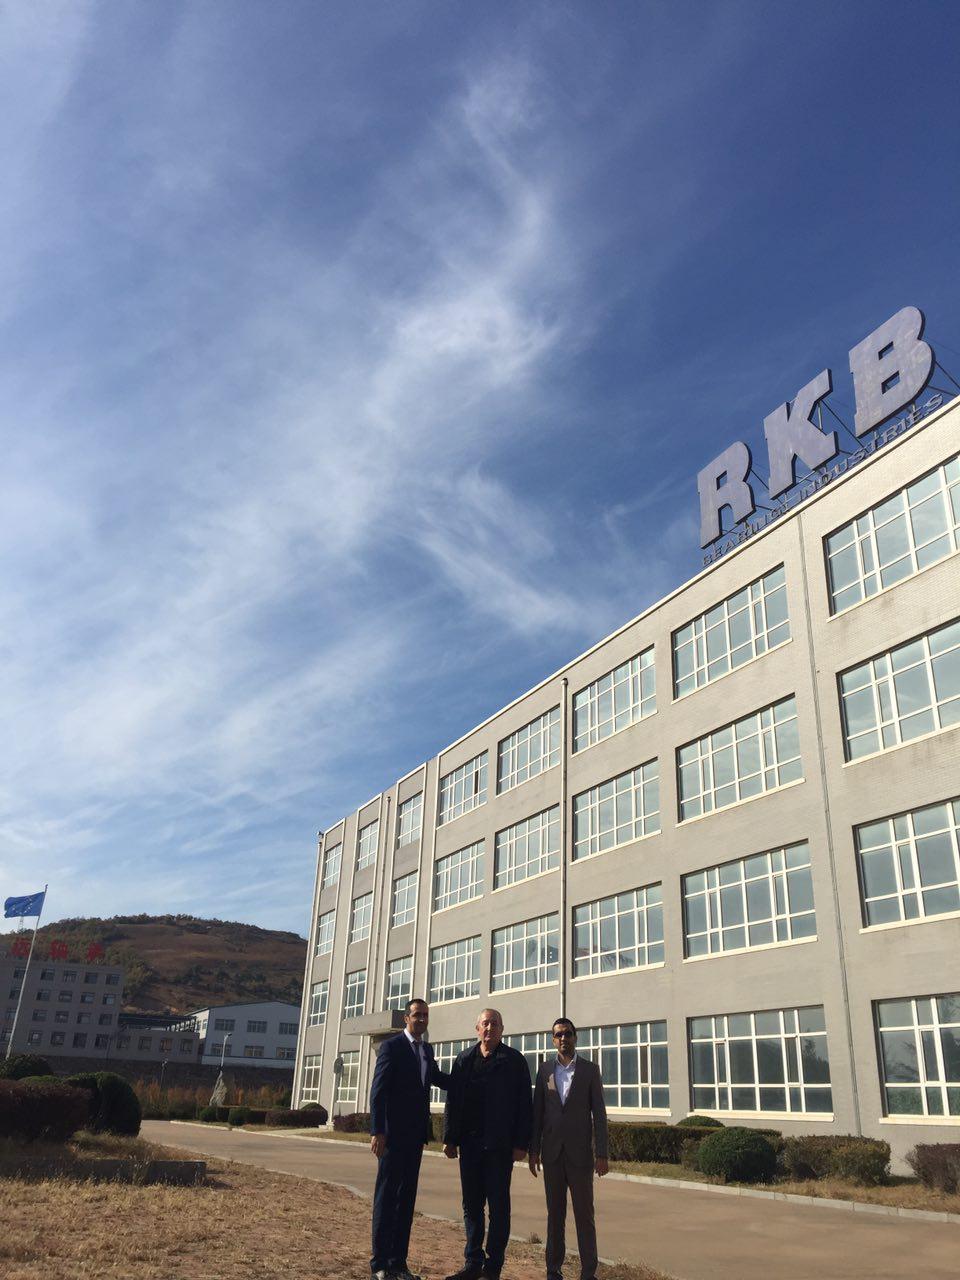 بازدید تیم نمایندگی RKB ایران از کارخانه RKB در چین